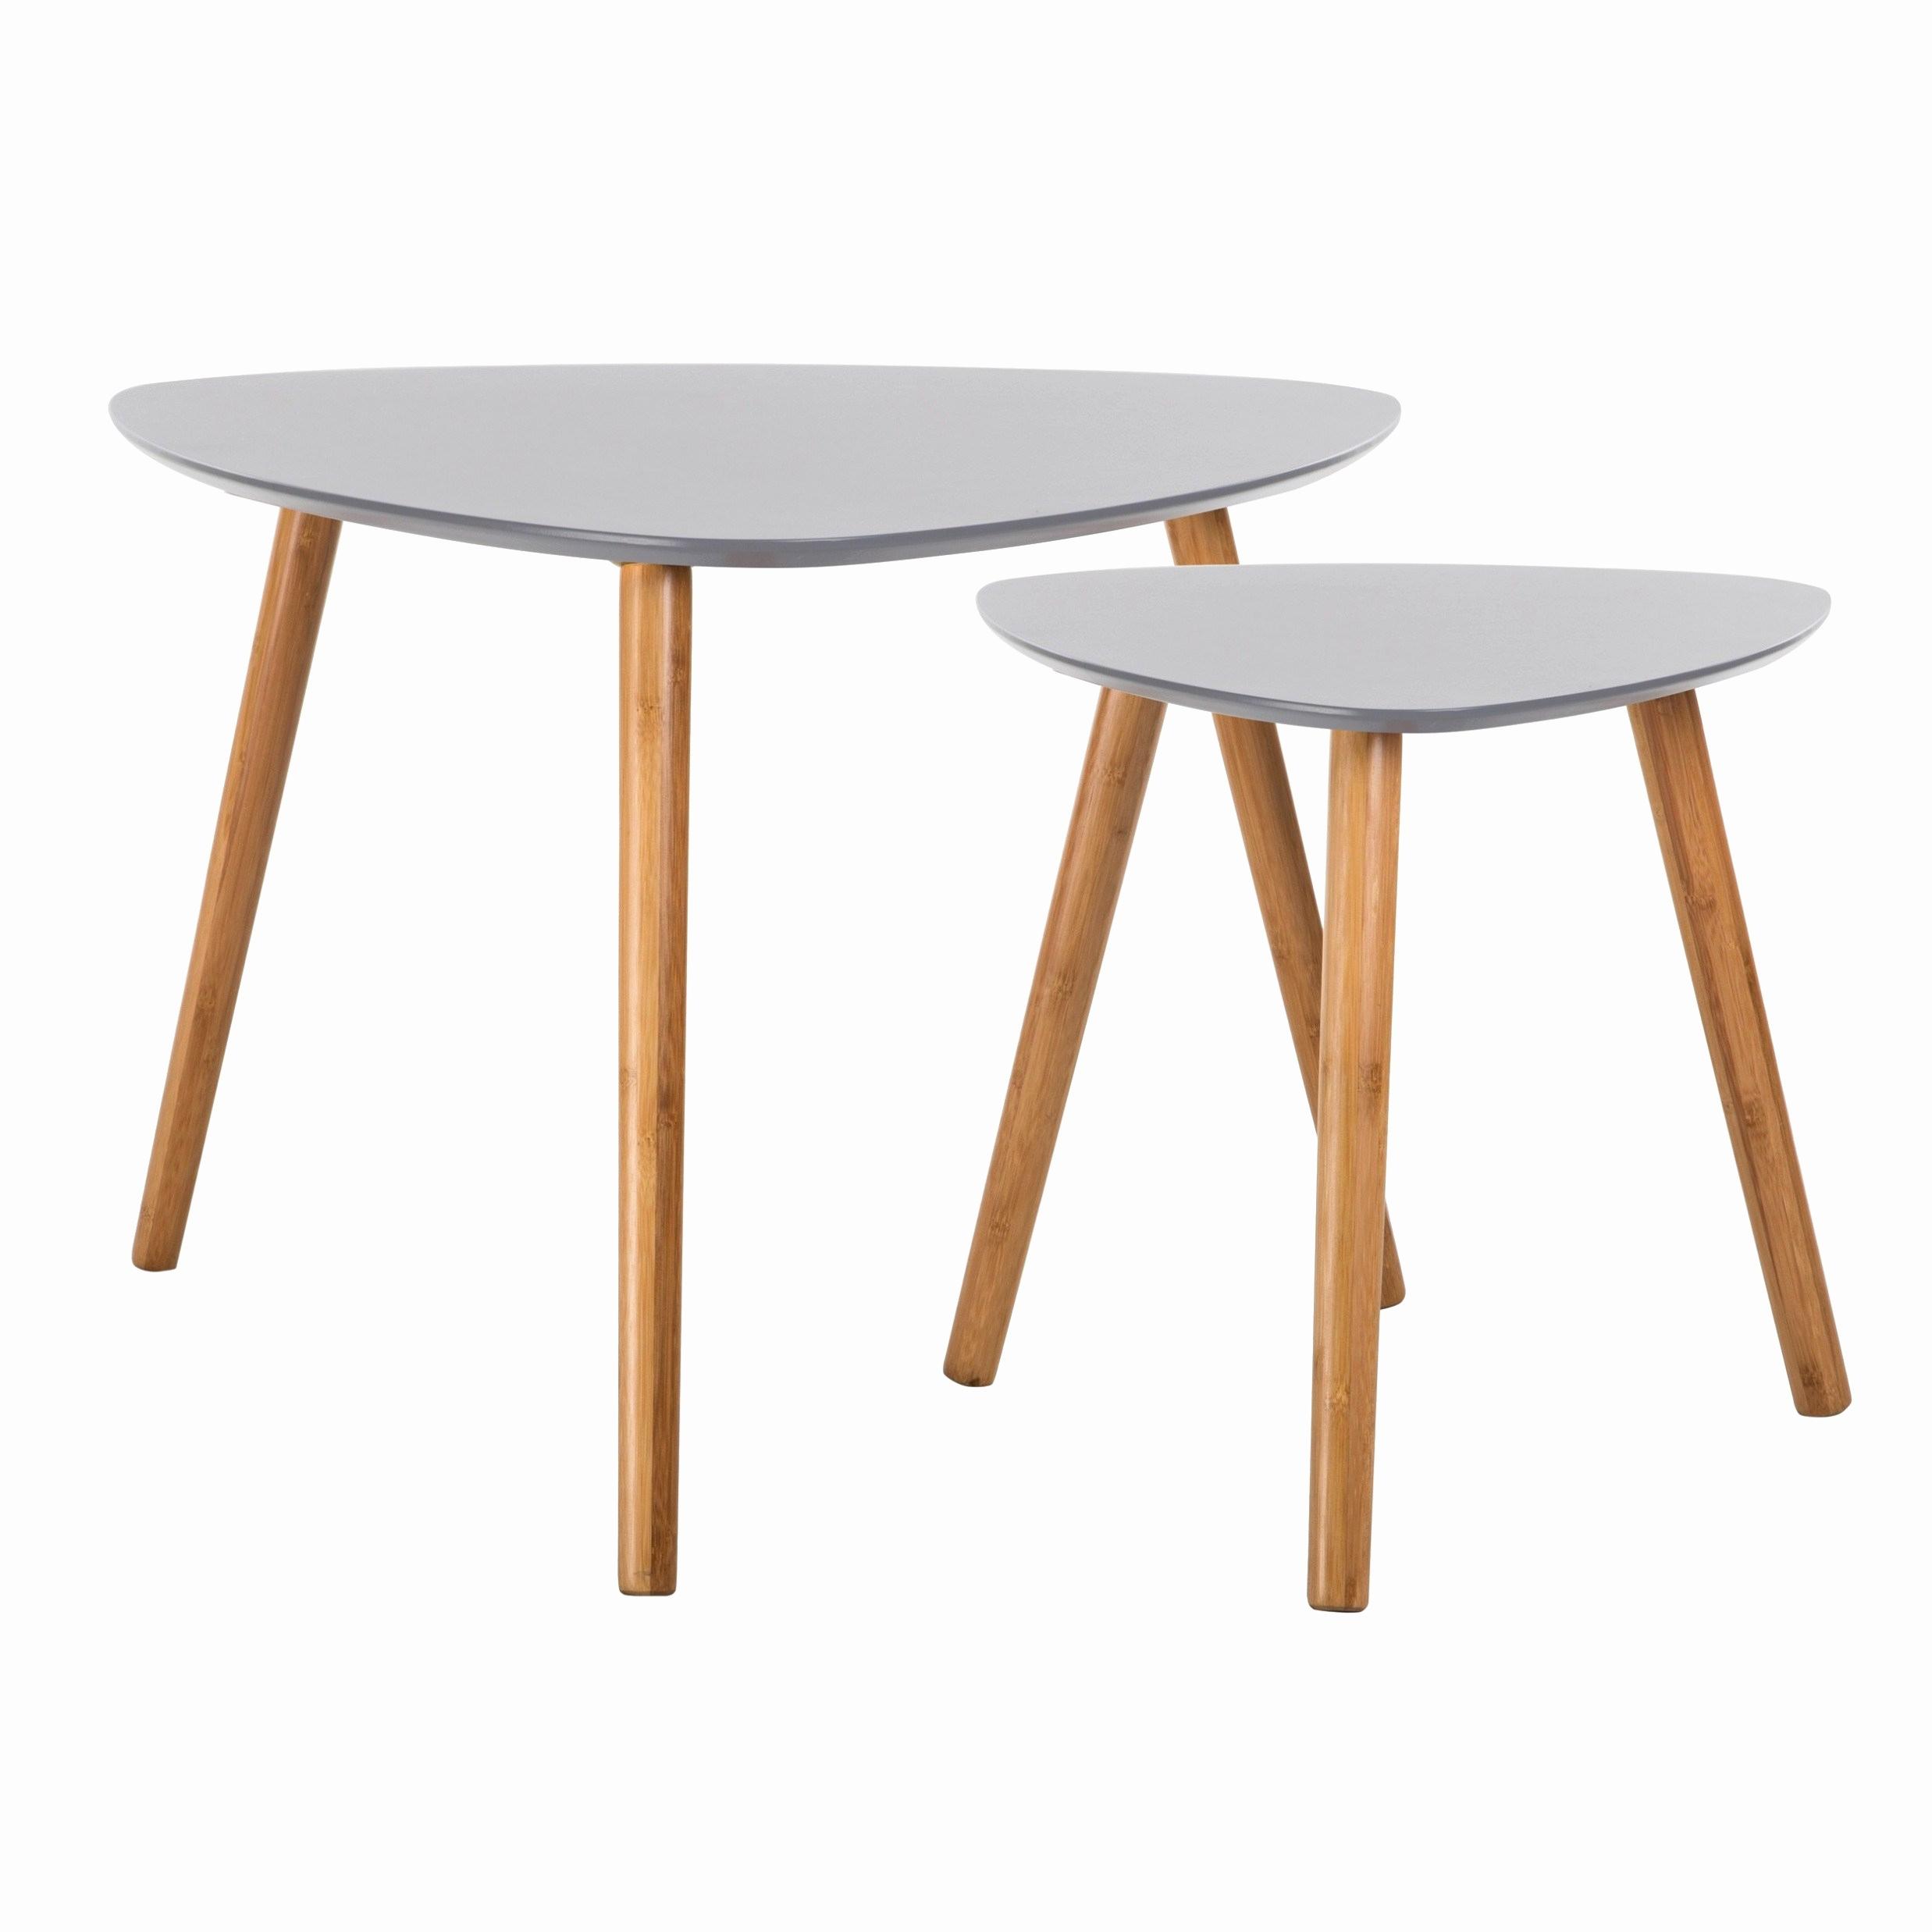 table de jardin alinea unique table jardin acier of table de jardin alinea